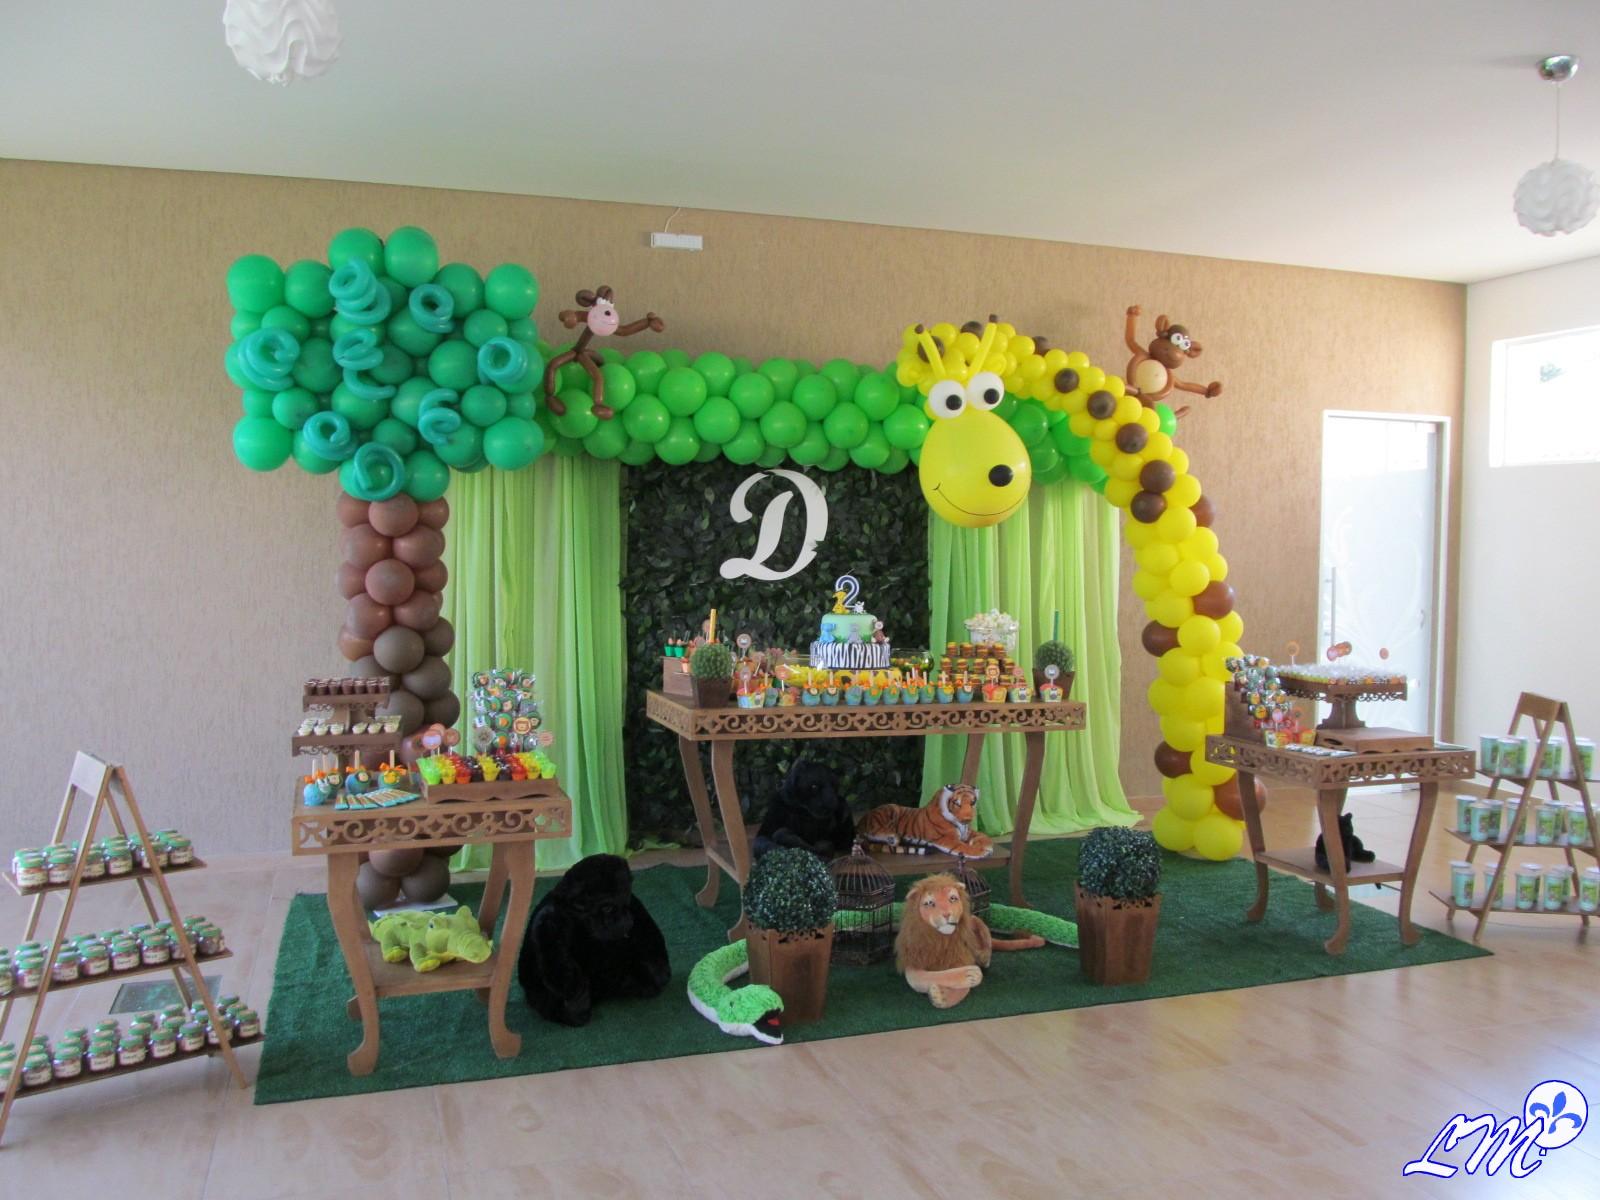 decoracao-com-baloes-festa-safari-pelucias-curitiba.jpg